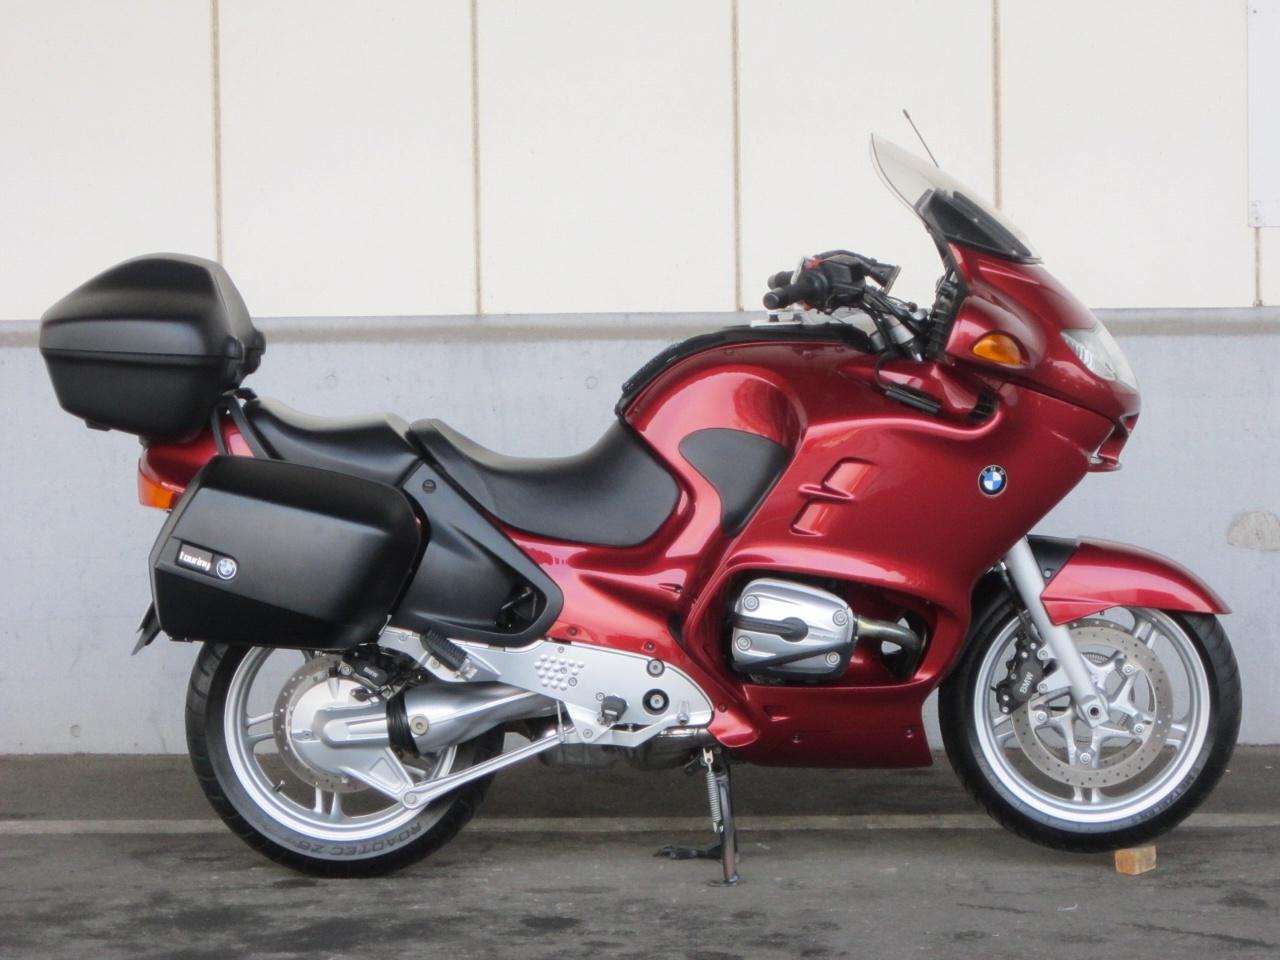 BMWにバイクザシートインサイド_e0114857_20331384.jpg